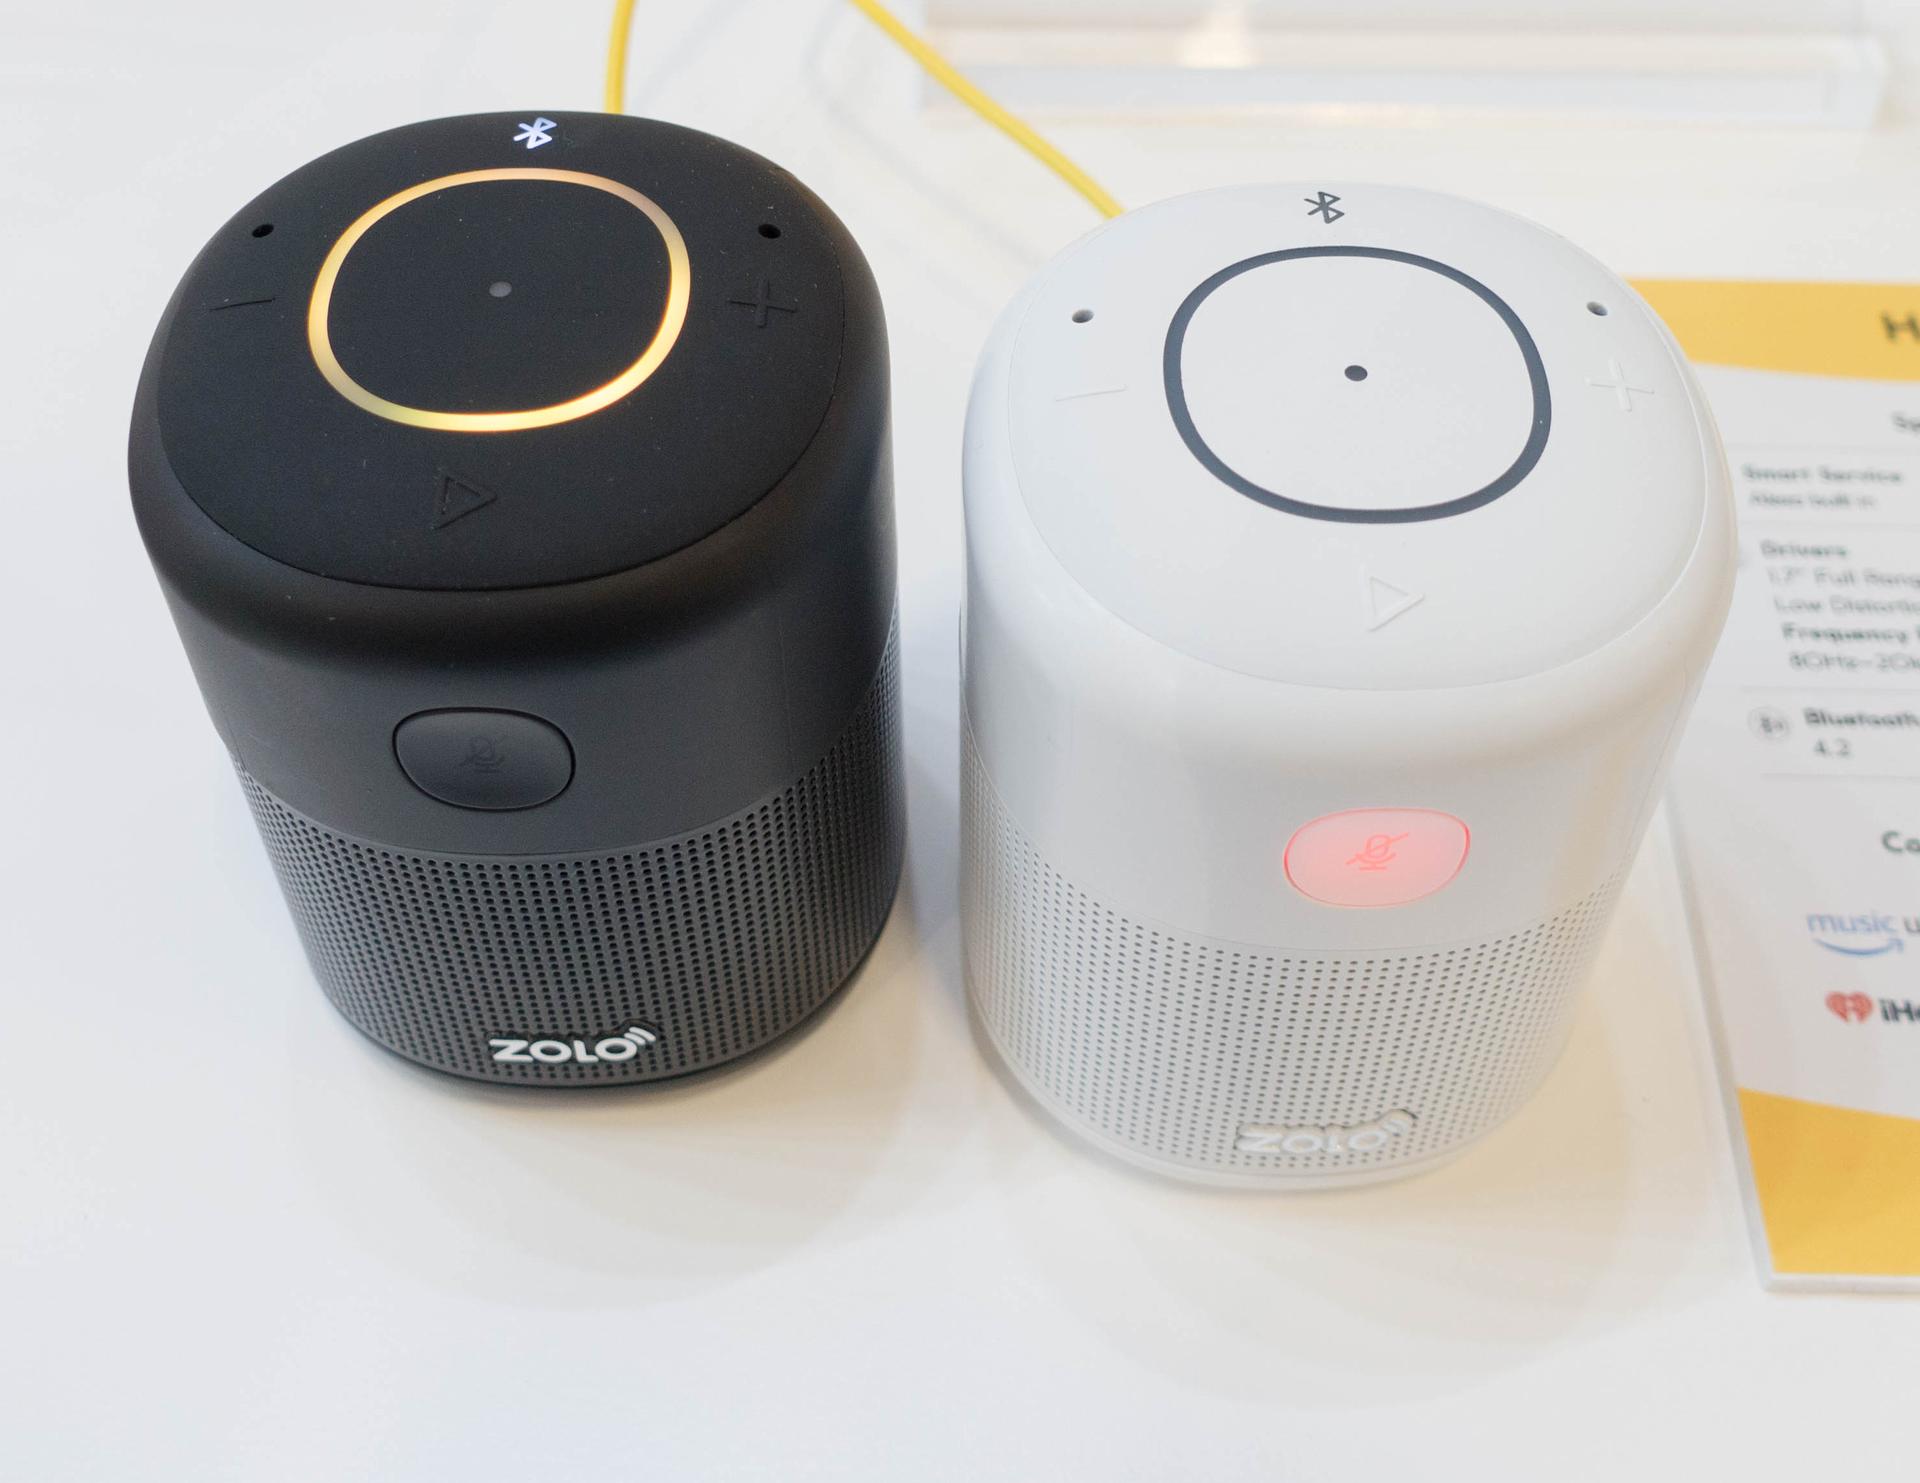 Alexa und Google Assistant: Der Wettkampf smarter Lautsprecher verändert sich - Zolo Halo (Bild: Ingo Pakalski/Golem.de)